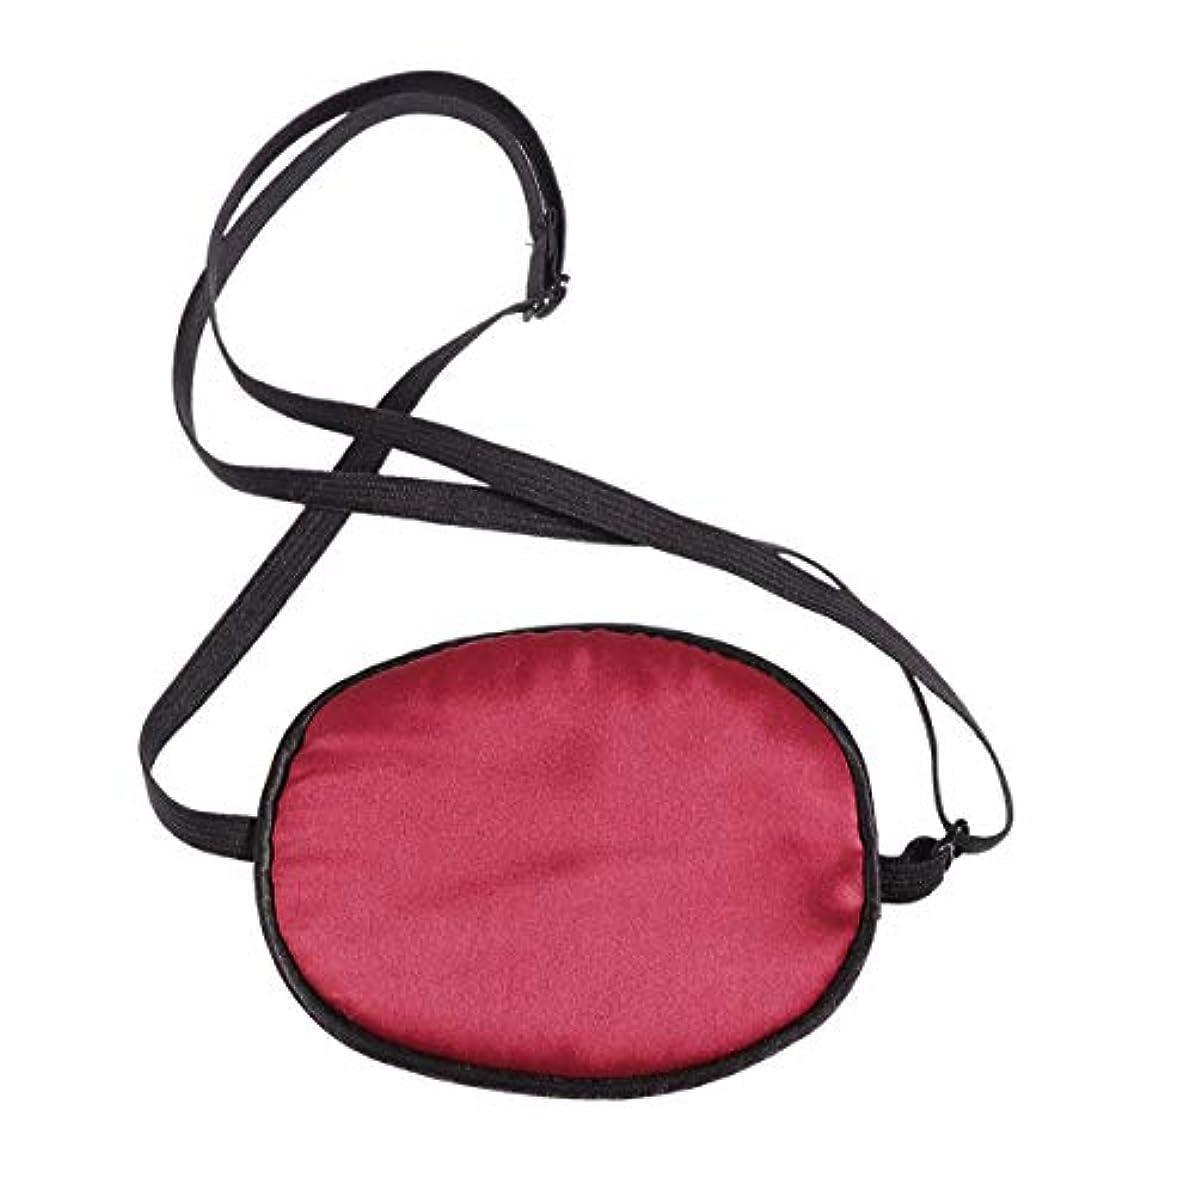 下向き雄弁食器棚HEALIFTY 睡眠の目隠し調節可能な絹の海賊目のパッチ子供の弱視のためのソフトで快適な単一の目のマスク正面の怠惰な目